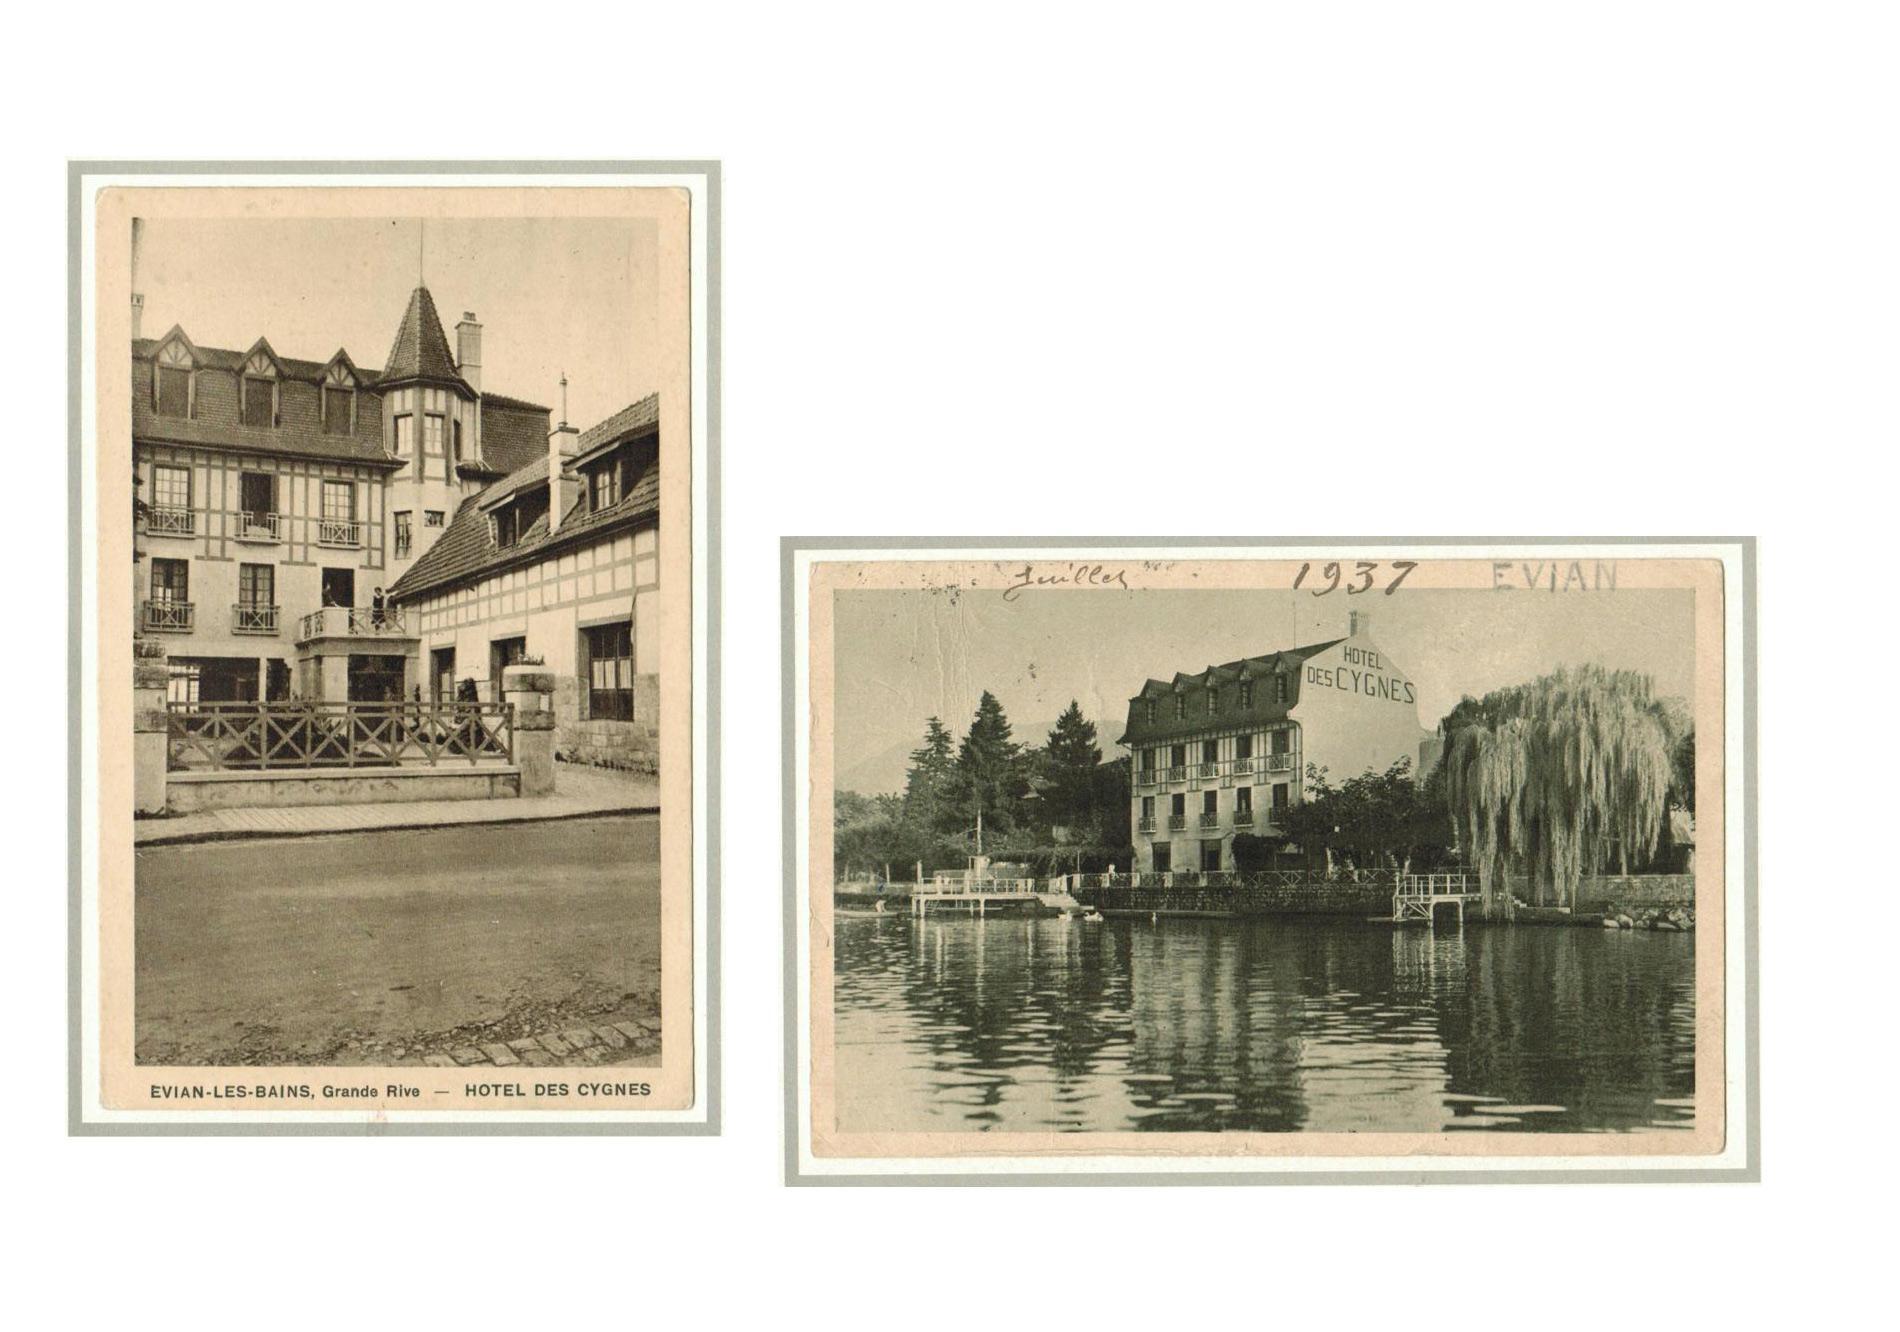 L'histoire de l'hôtel les Cygnes à Evian